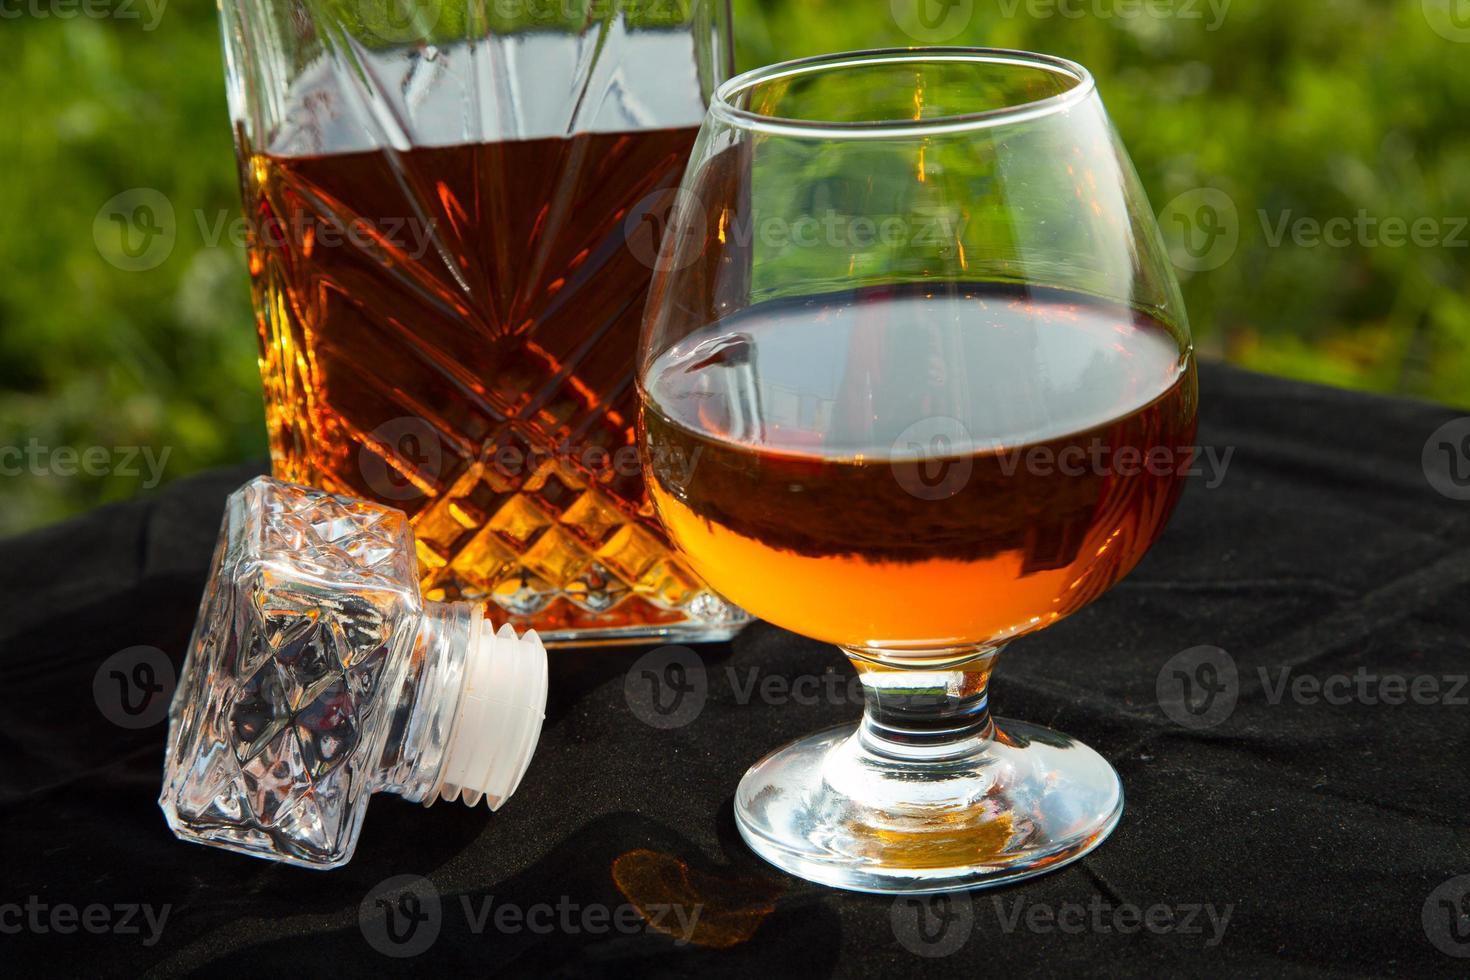 karaff med ett glas konjak foto